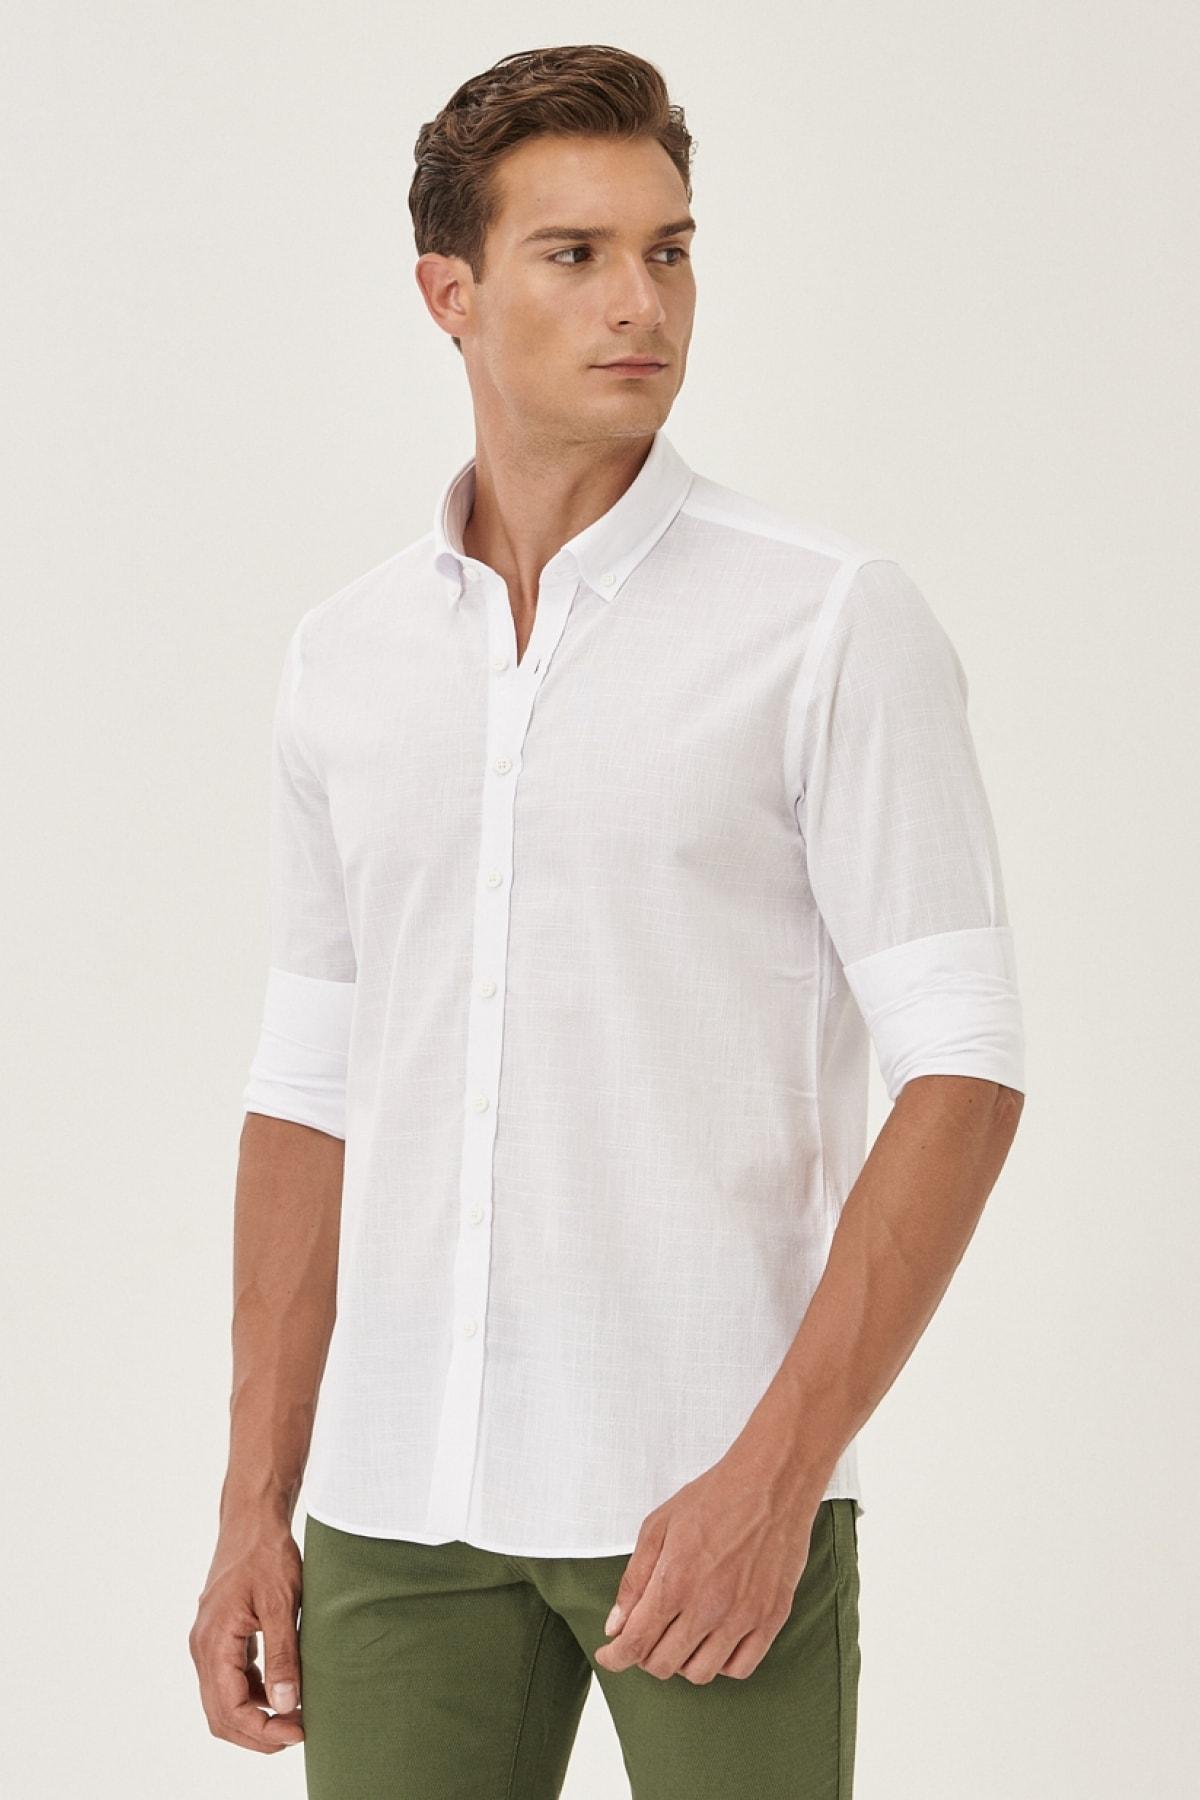 Erkek Beyaz Tailored Slim Fit Dar Kesim Düğmeli Yaka %100 Koton Gömlek